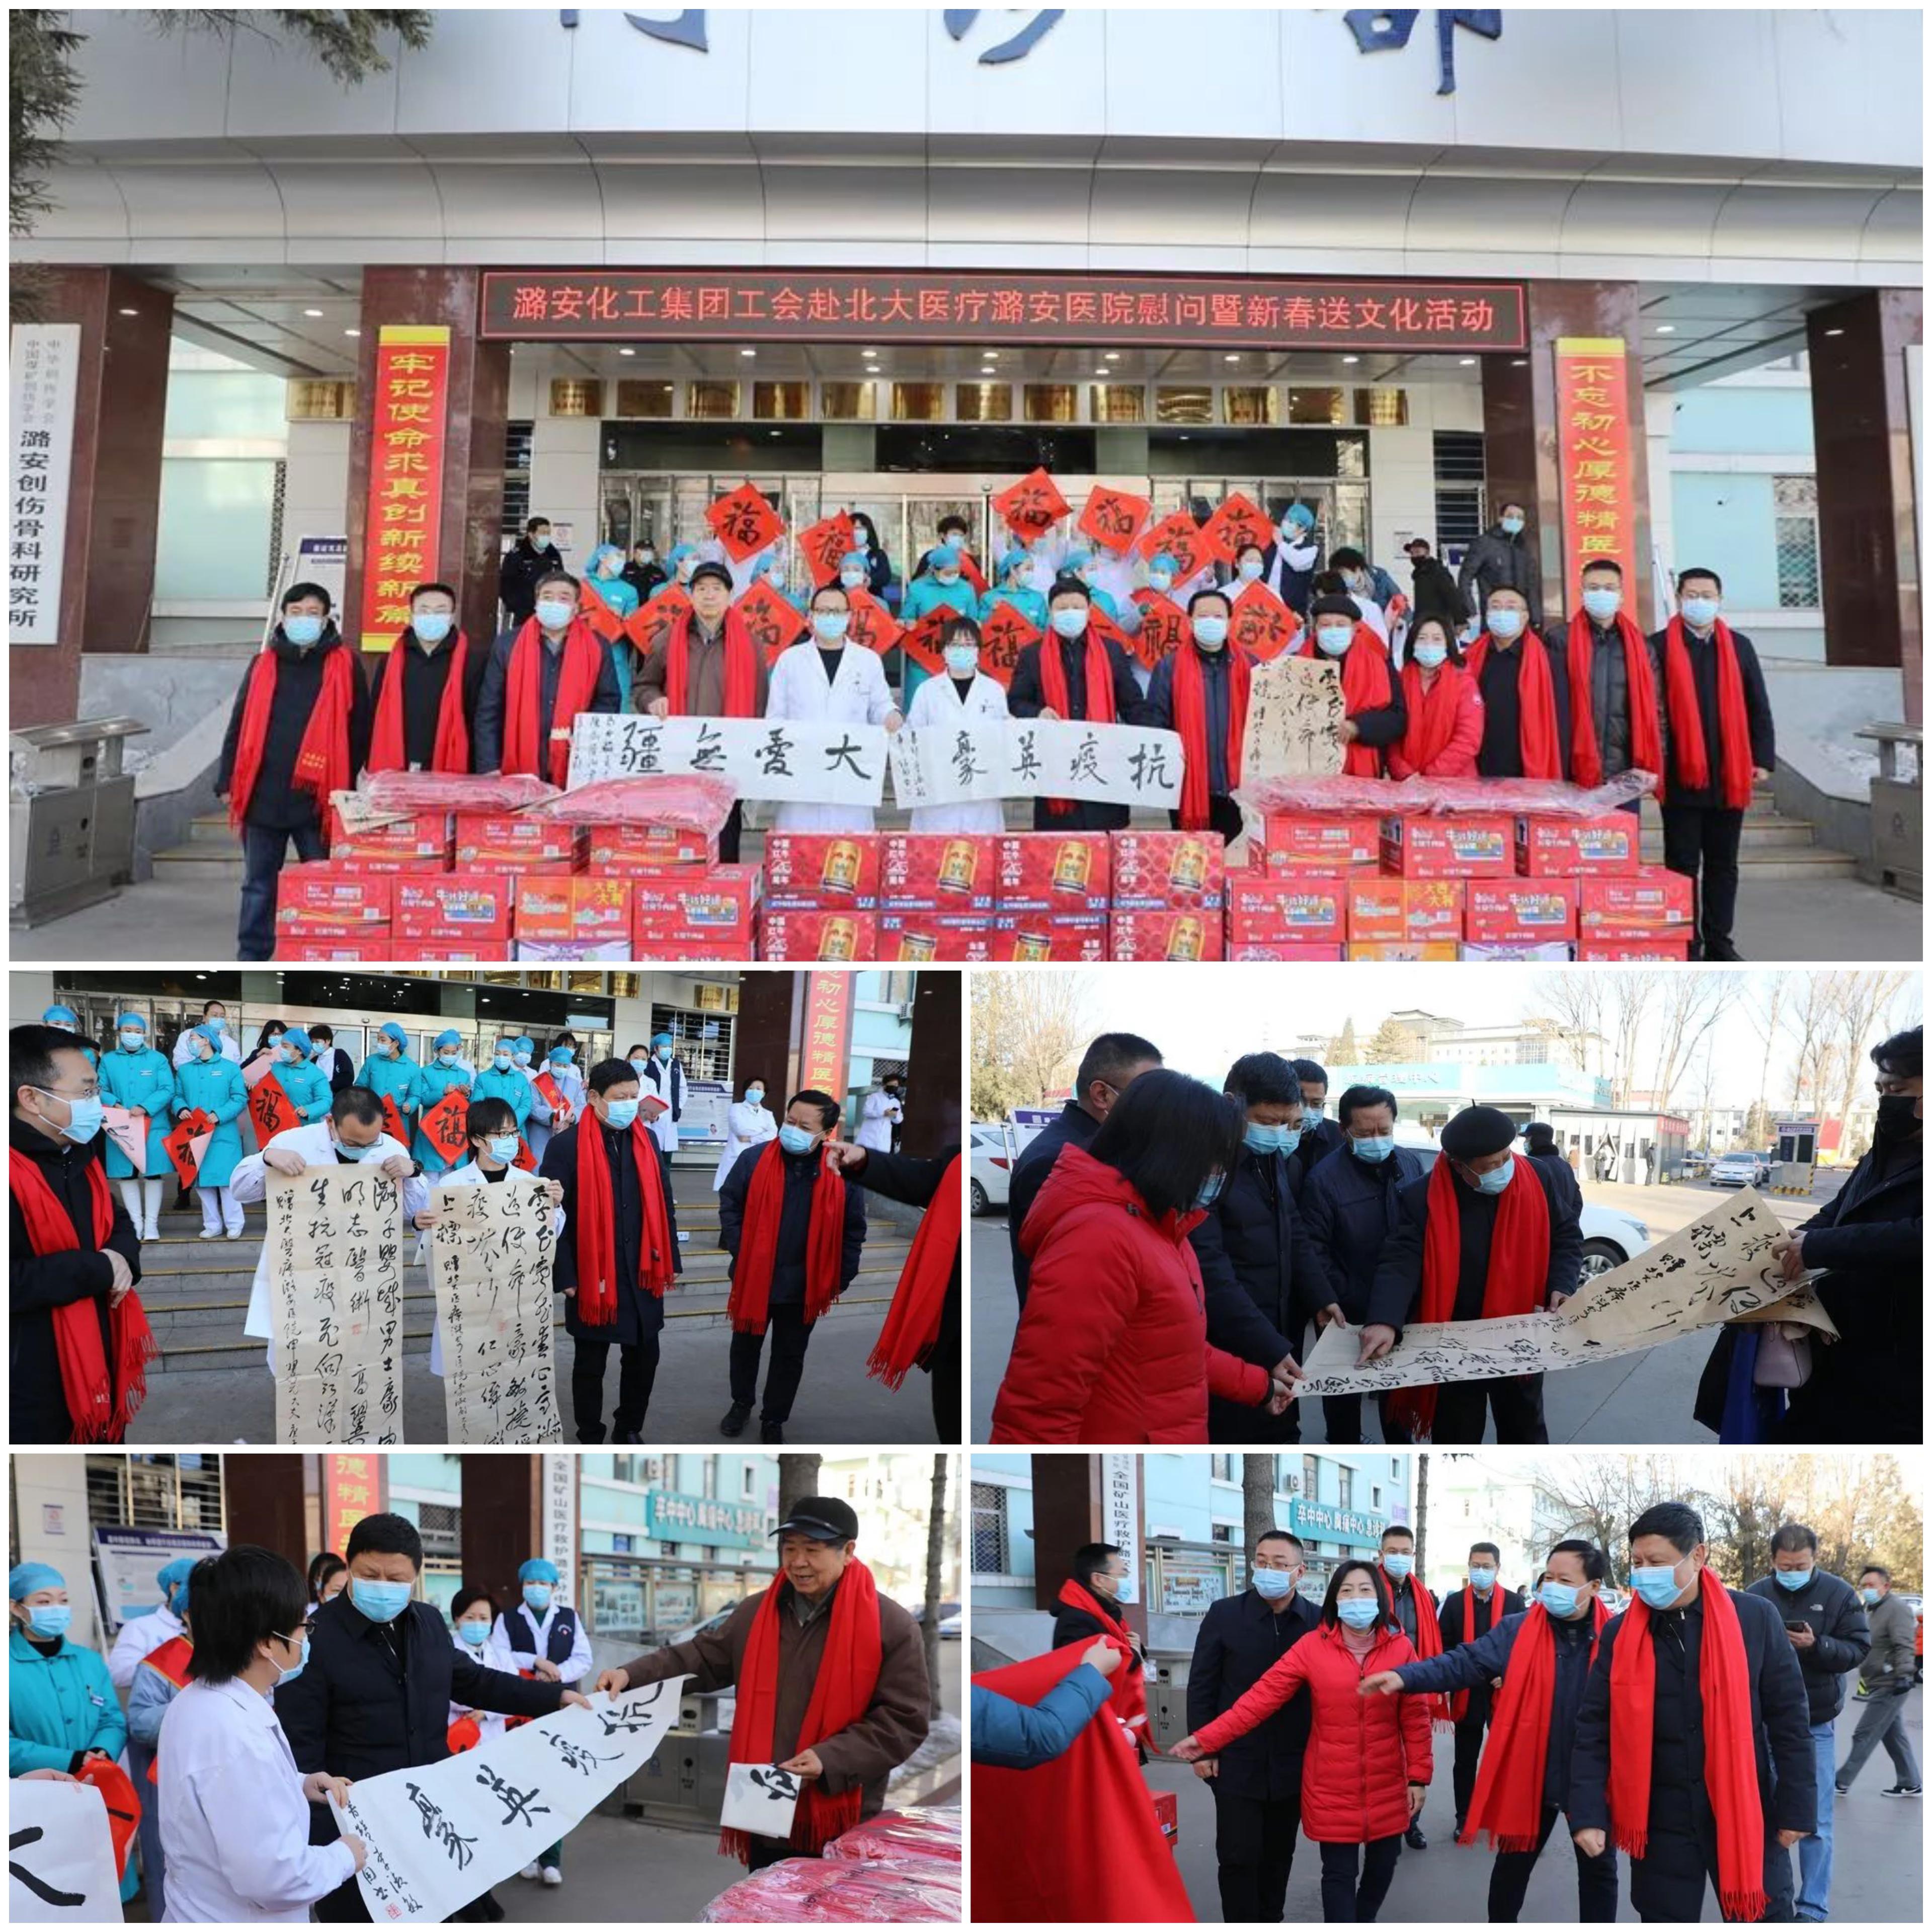 潞安化工集团领导肖亚宁一行到北大医疗潞安医院慰问医务人员